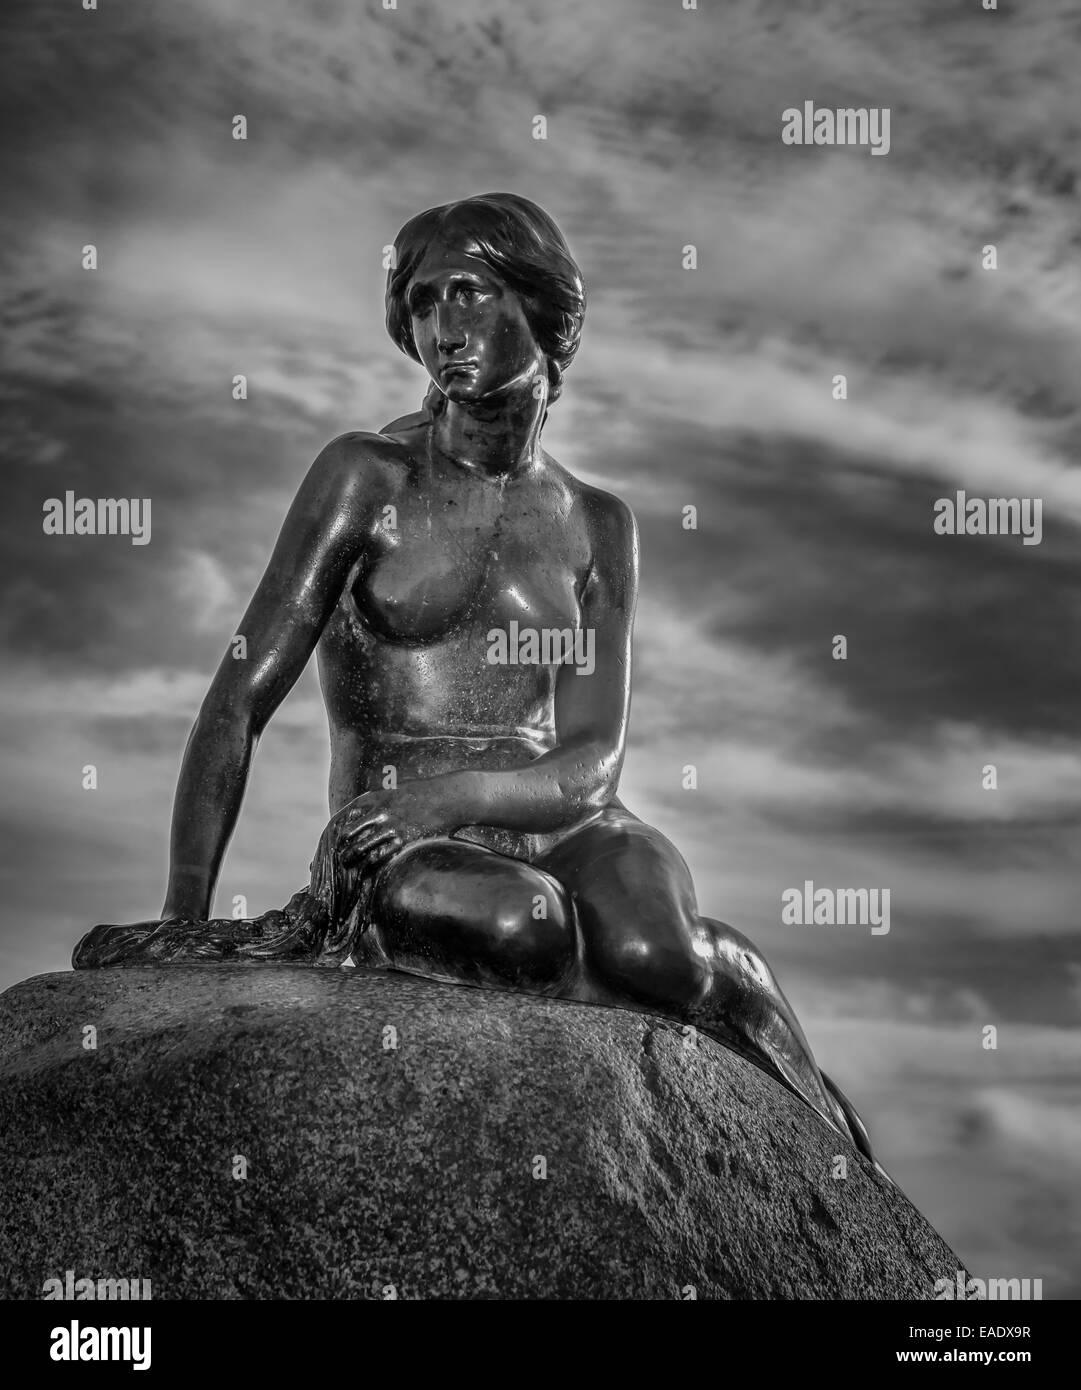 The Mermaid, sculpture, landmark of Copenhagen, Copenhagen Harbour, Copenhagen, Denmark - Stock Image